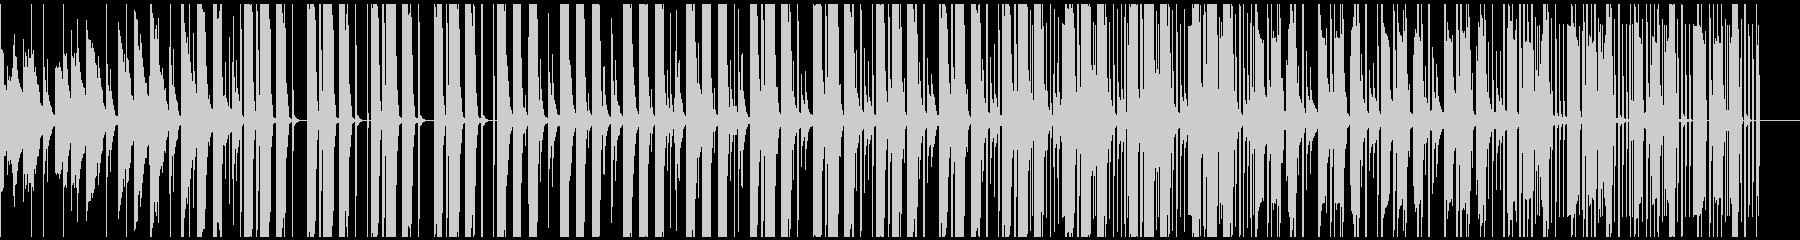 心地よいピアノとベースが特徴的なトラップの未再生の波形